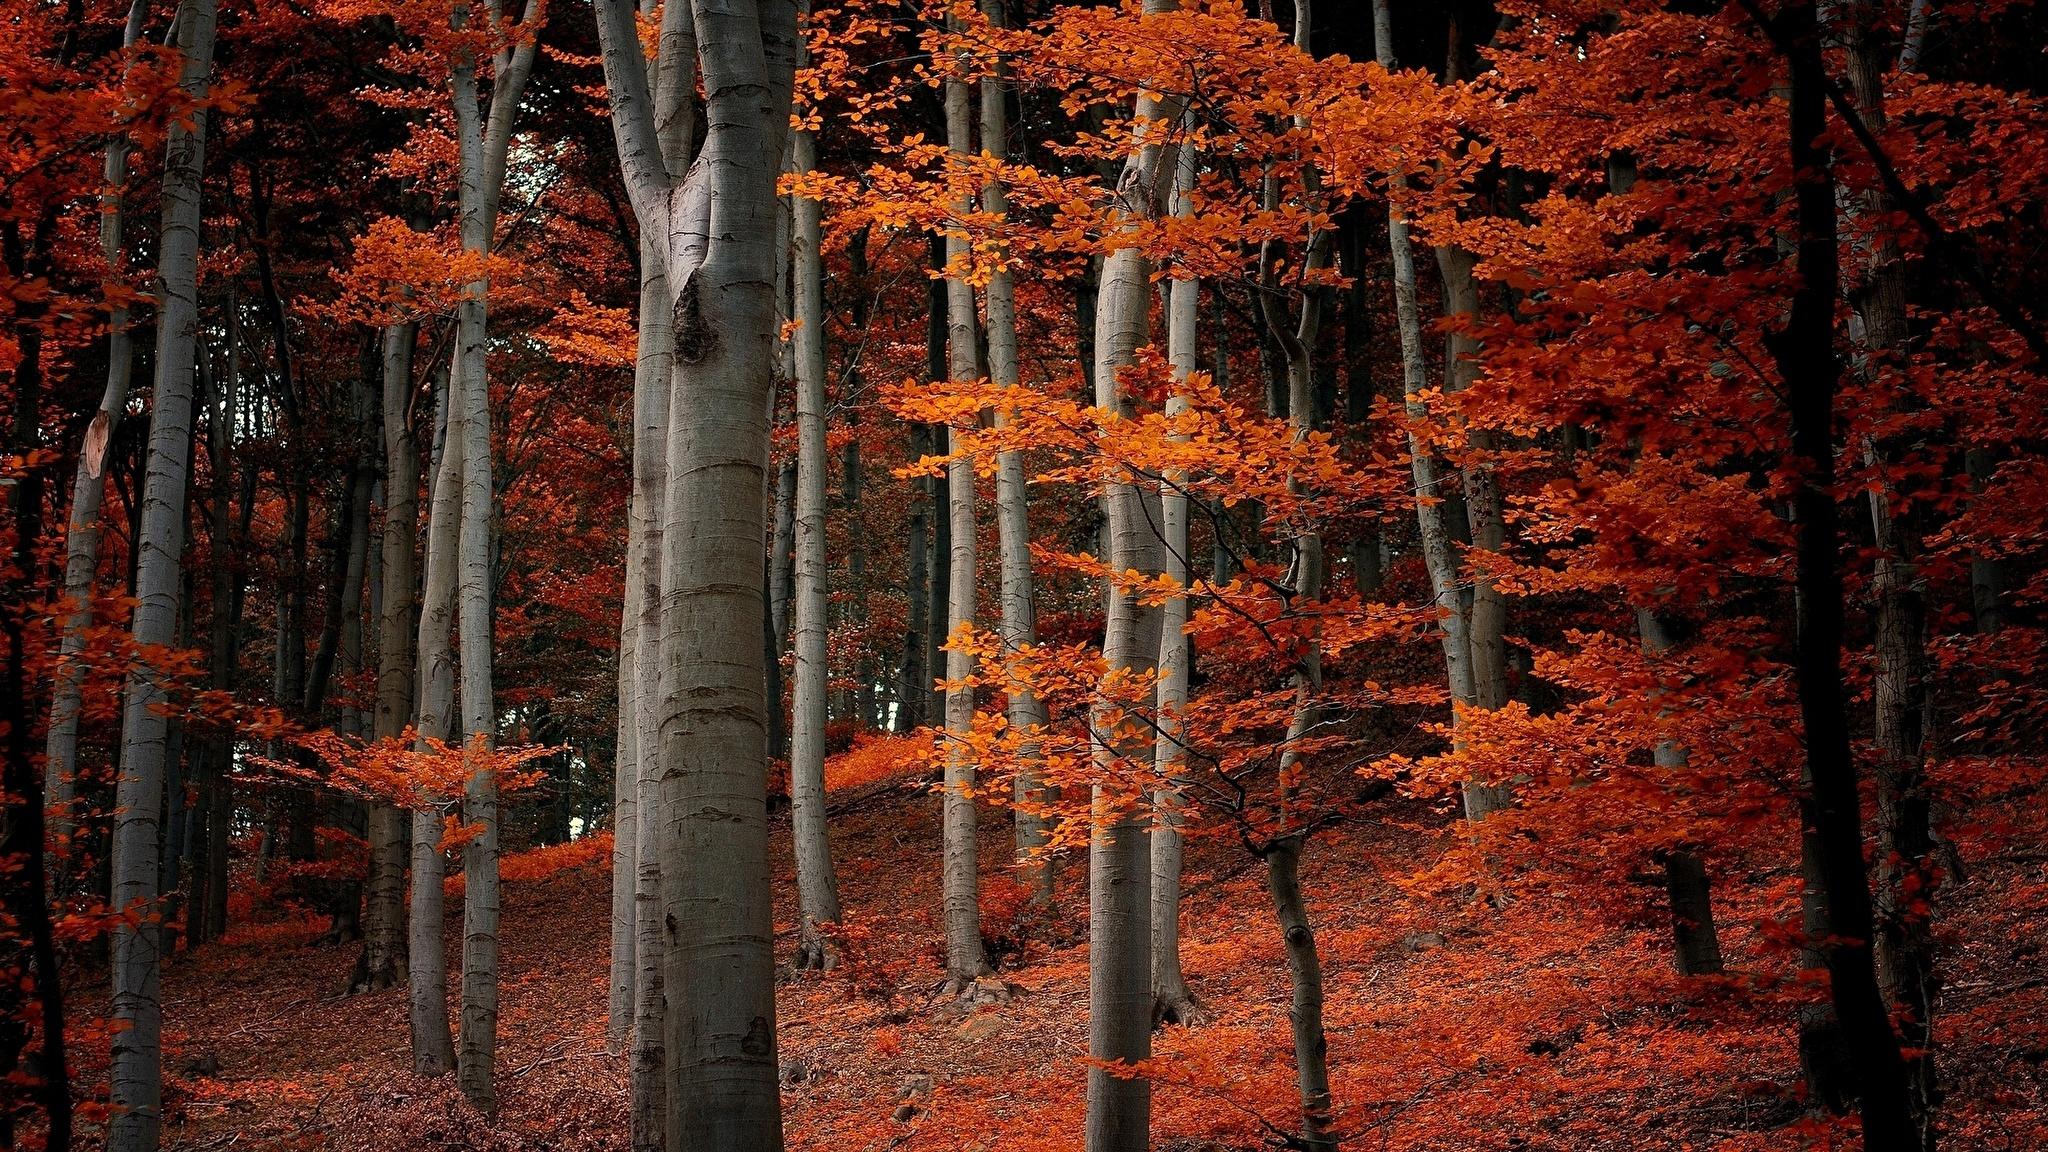 природа листья осень деревья лес nature leaves autumn trees forest без смс